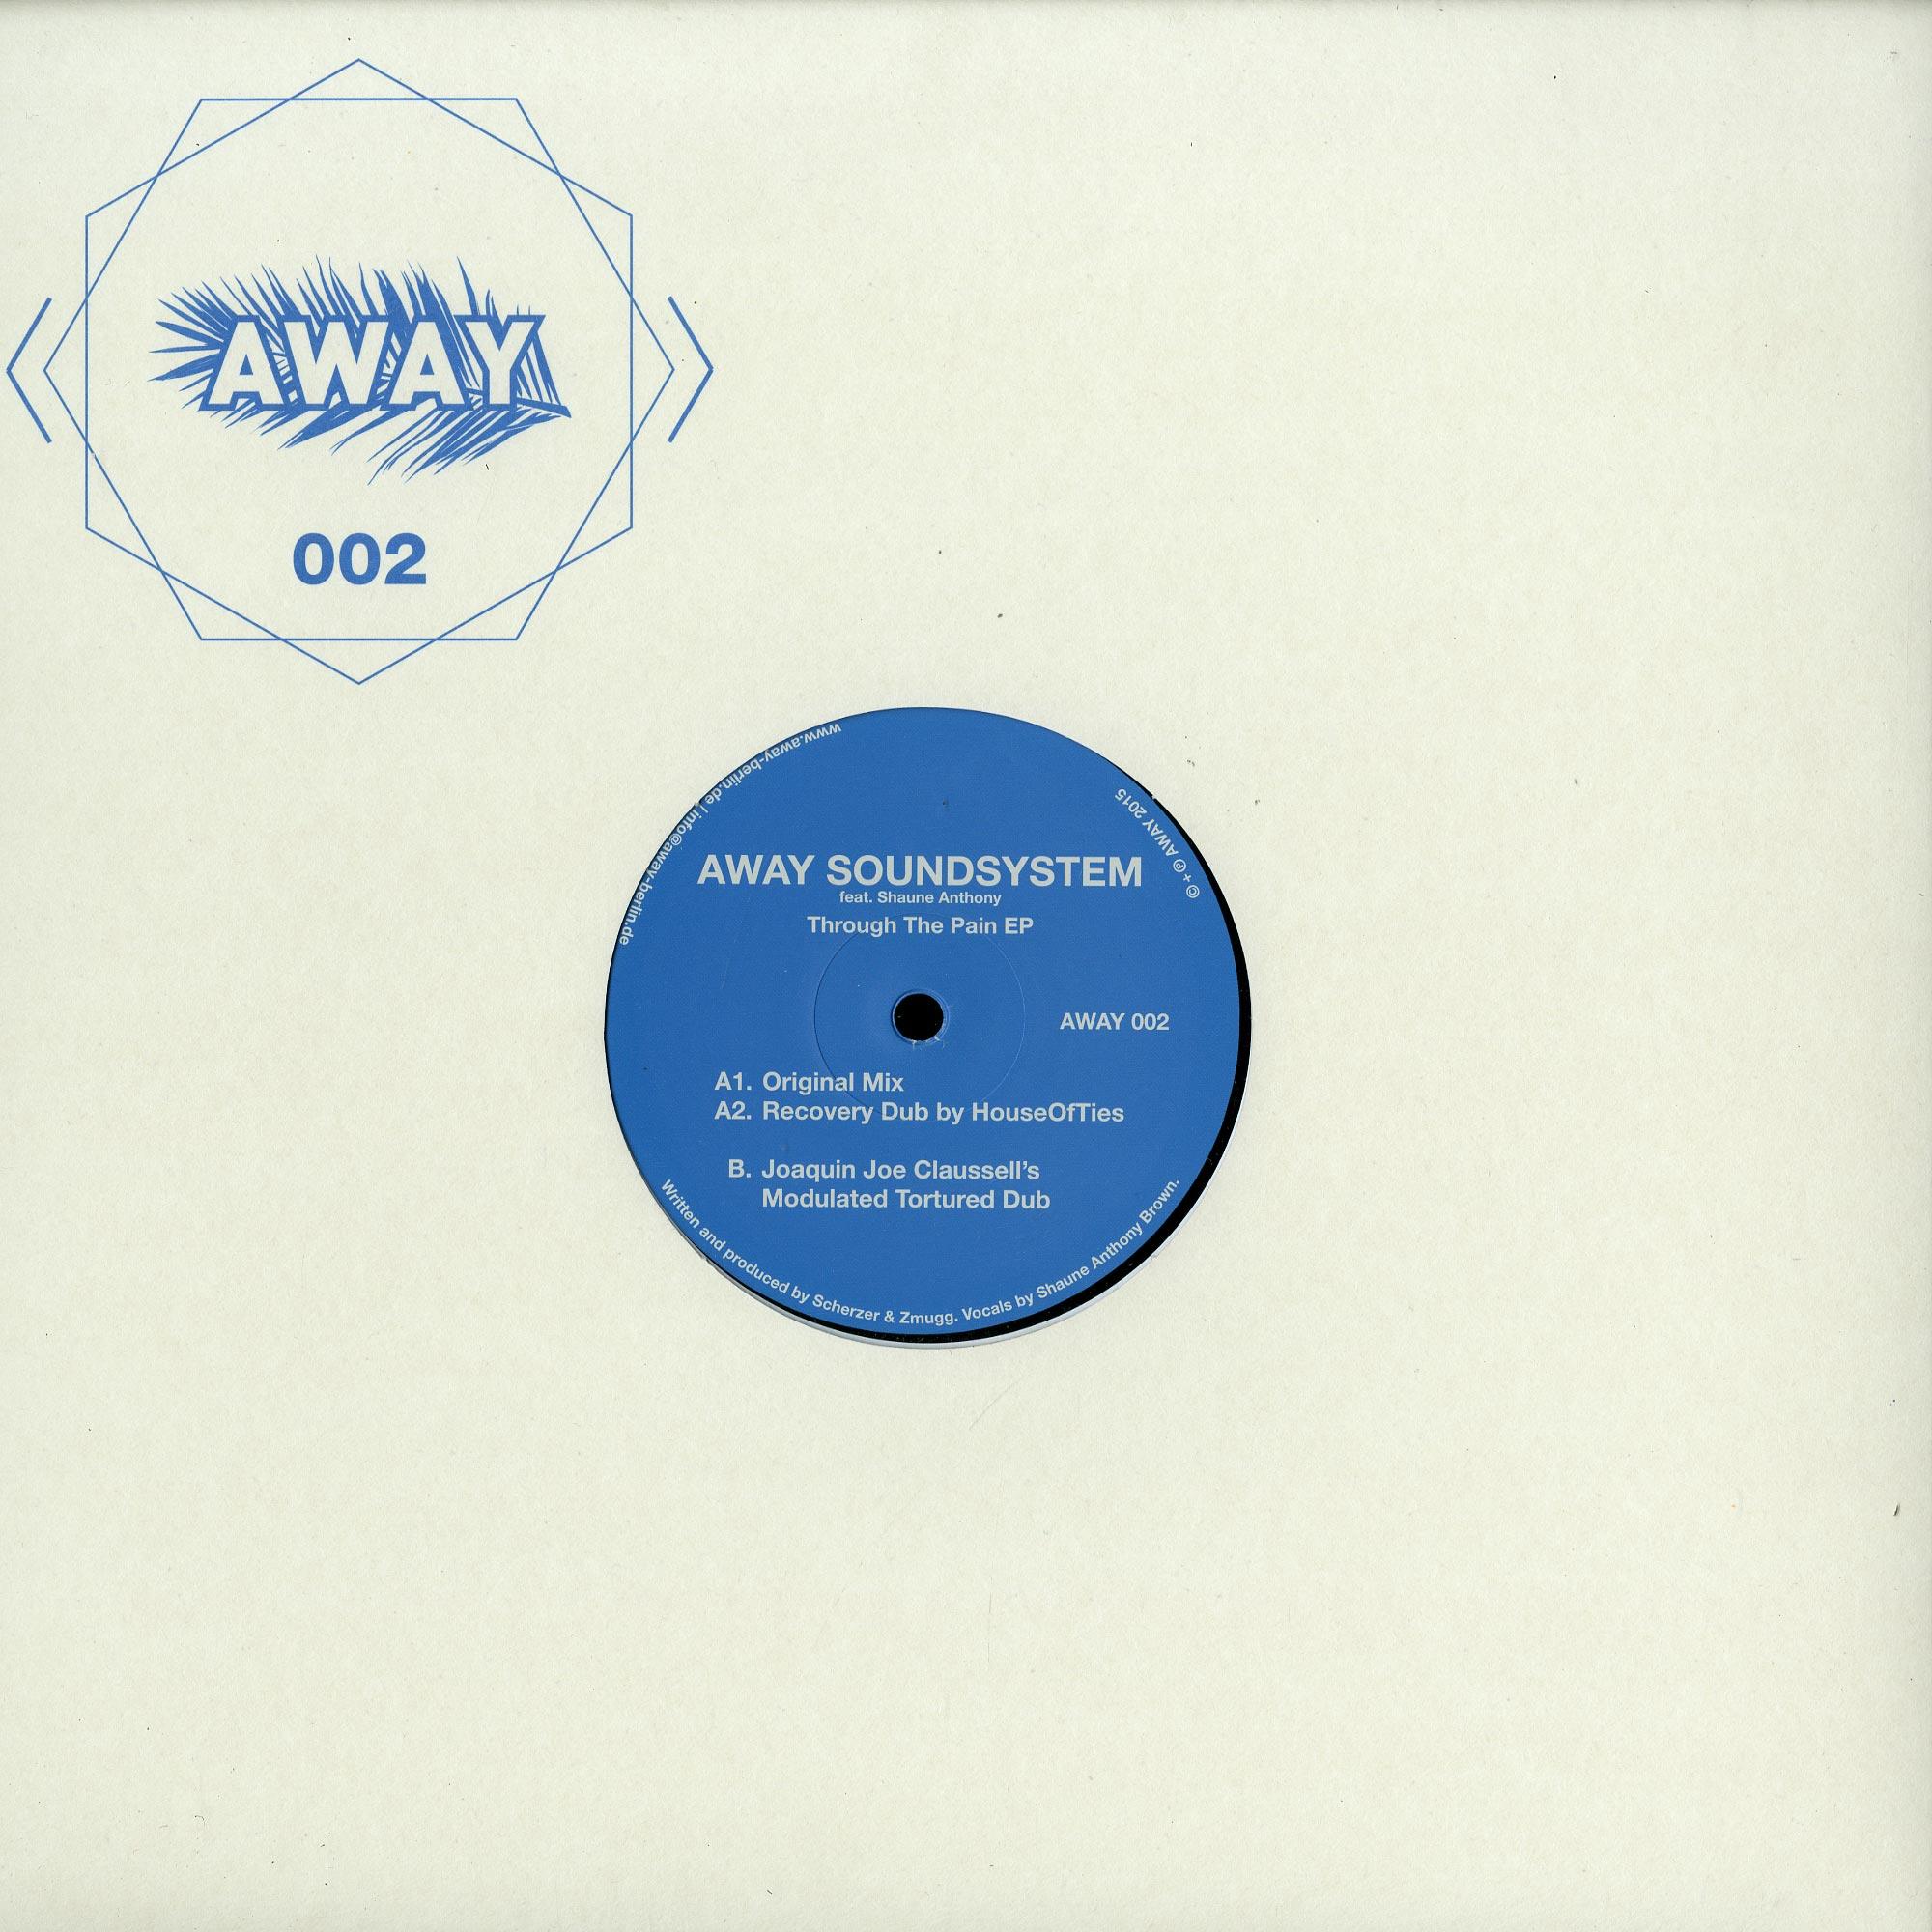 AWAY Soundsystem - THROUGH THE PAIN EP